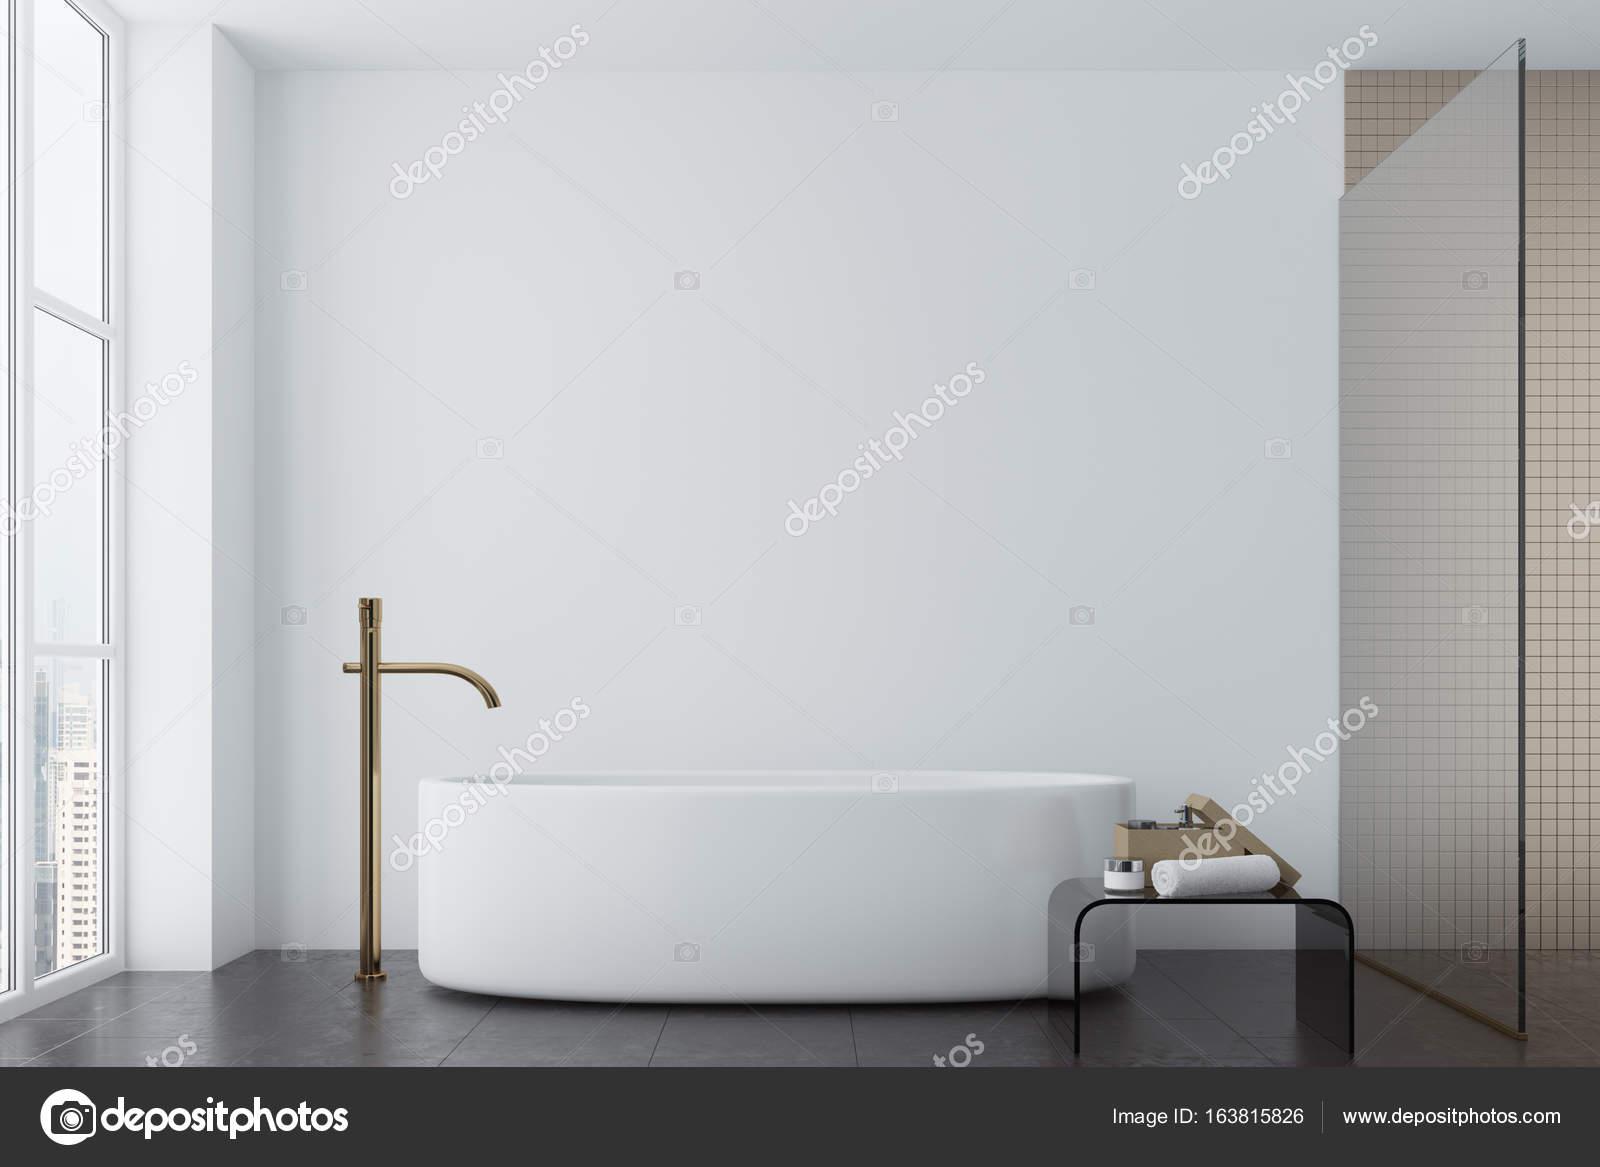 Weiße Loft Bad Mit Beige Fliesen Und Eine Runde Badewanne. Ein Kleiner  Tisch Mit Einem Handtuch Und Einem Cremefarbenen Glas. 3D Rendering Mock Up  U2014 Foto ...